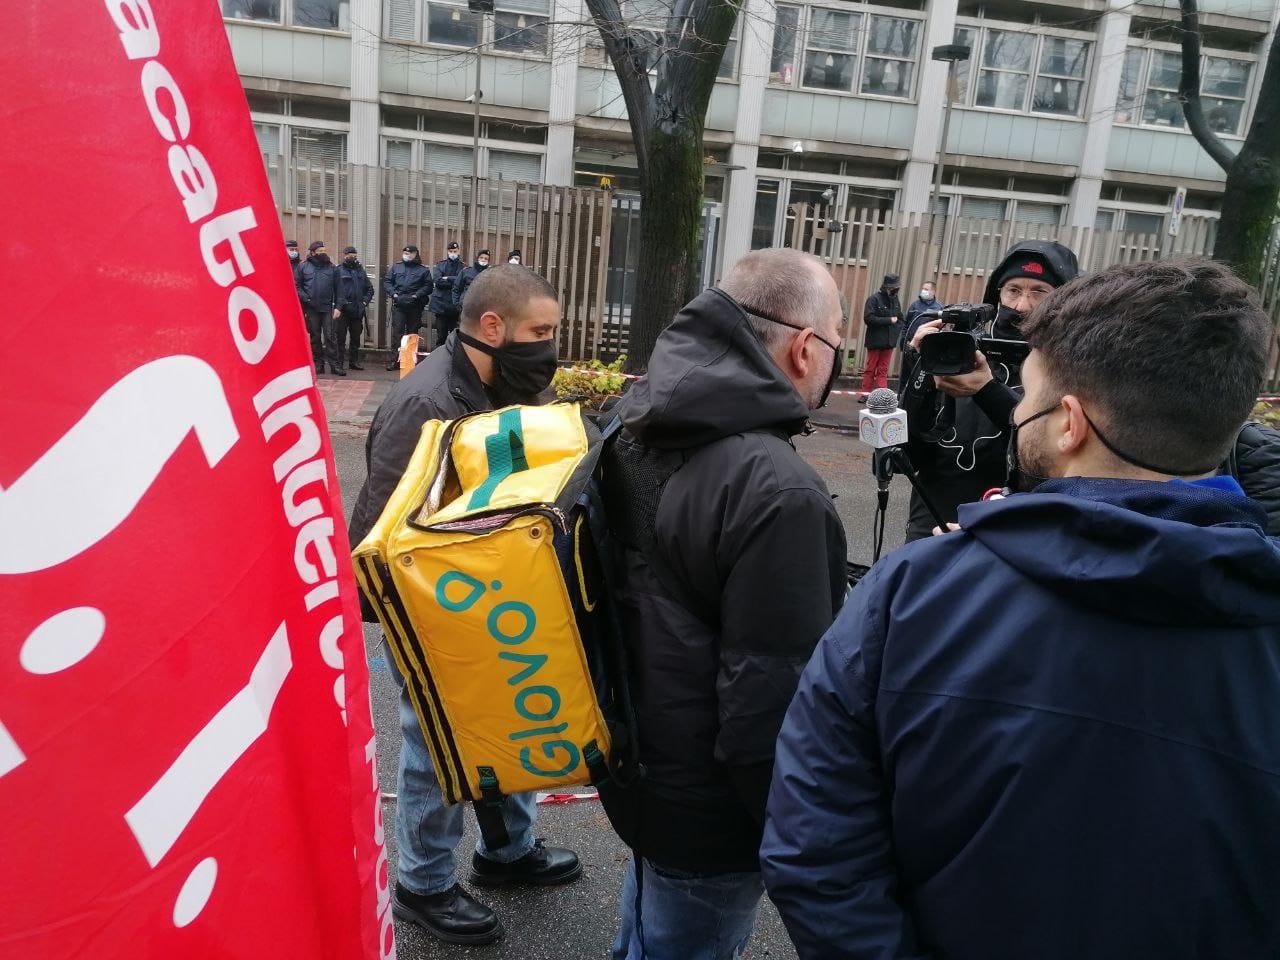 """Napoli, la protesta dei riders: """"Siamo lavoratori, dove sono i nostri diritti?"""""""